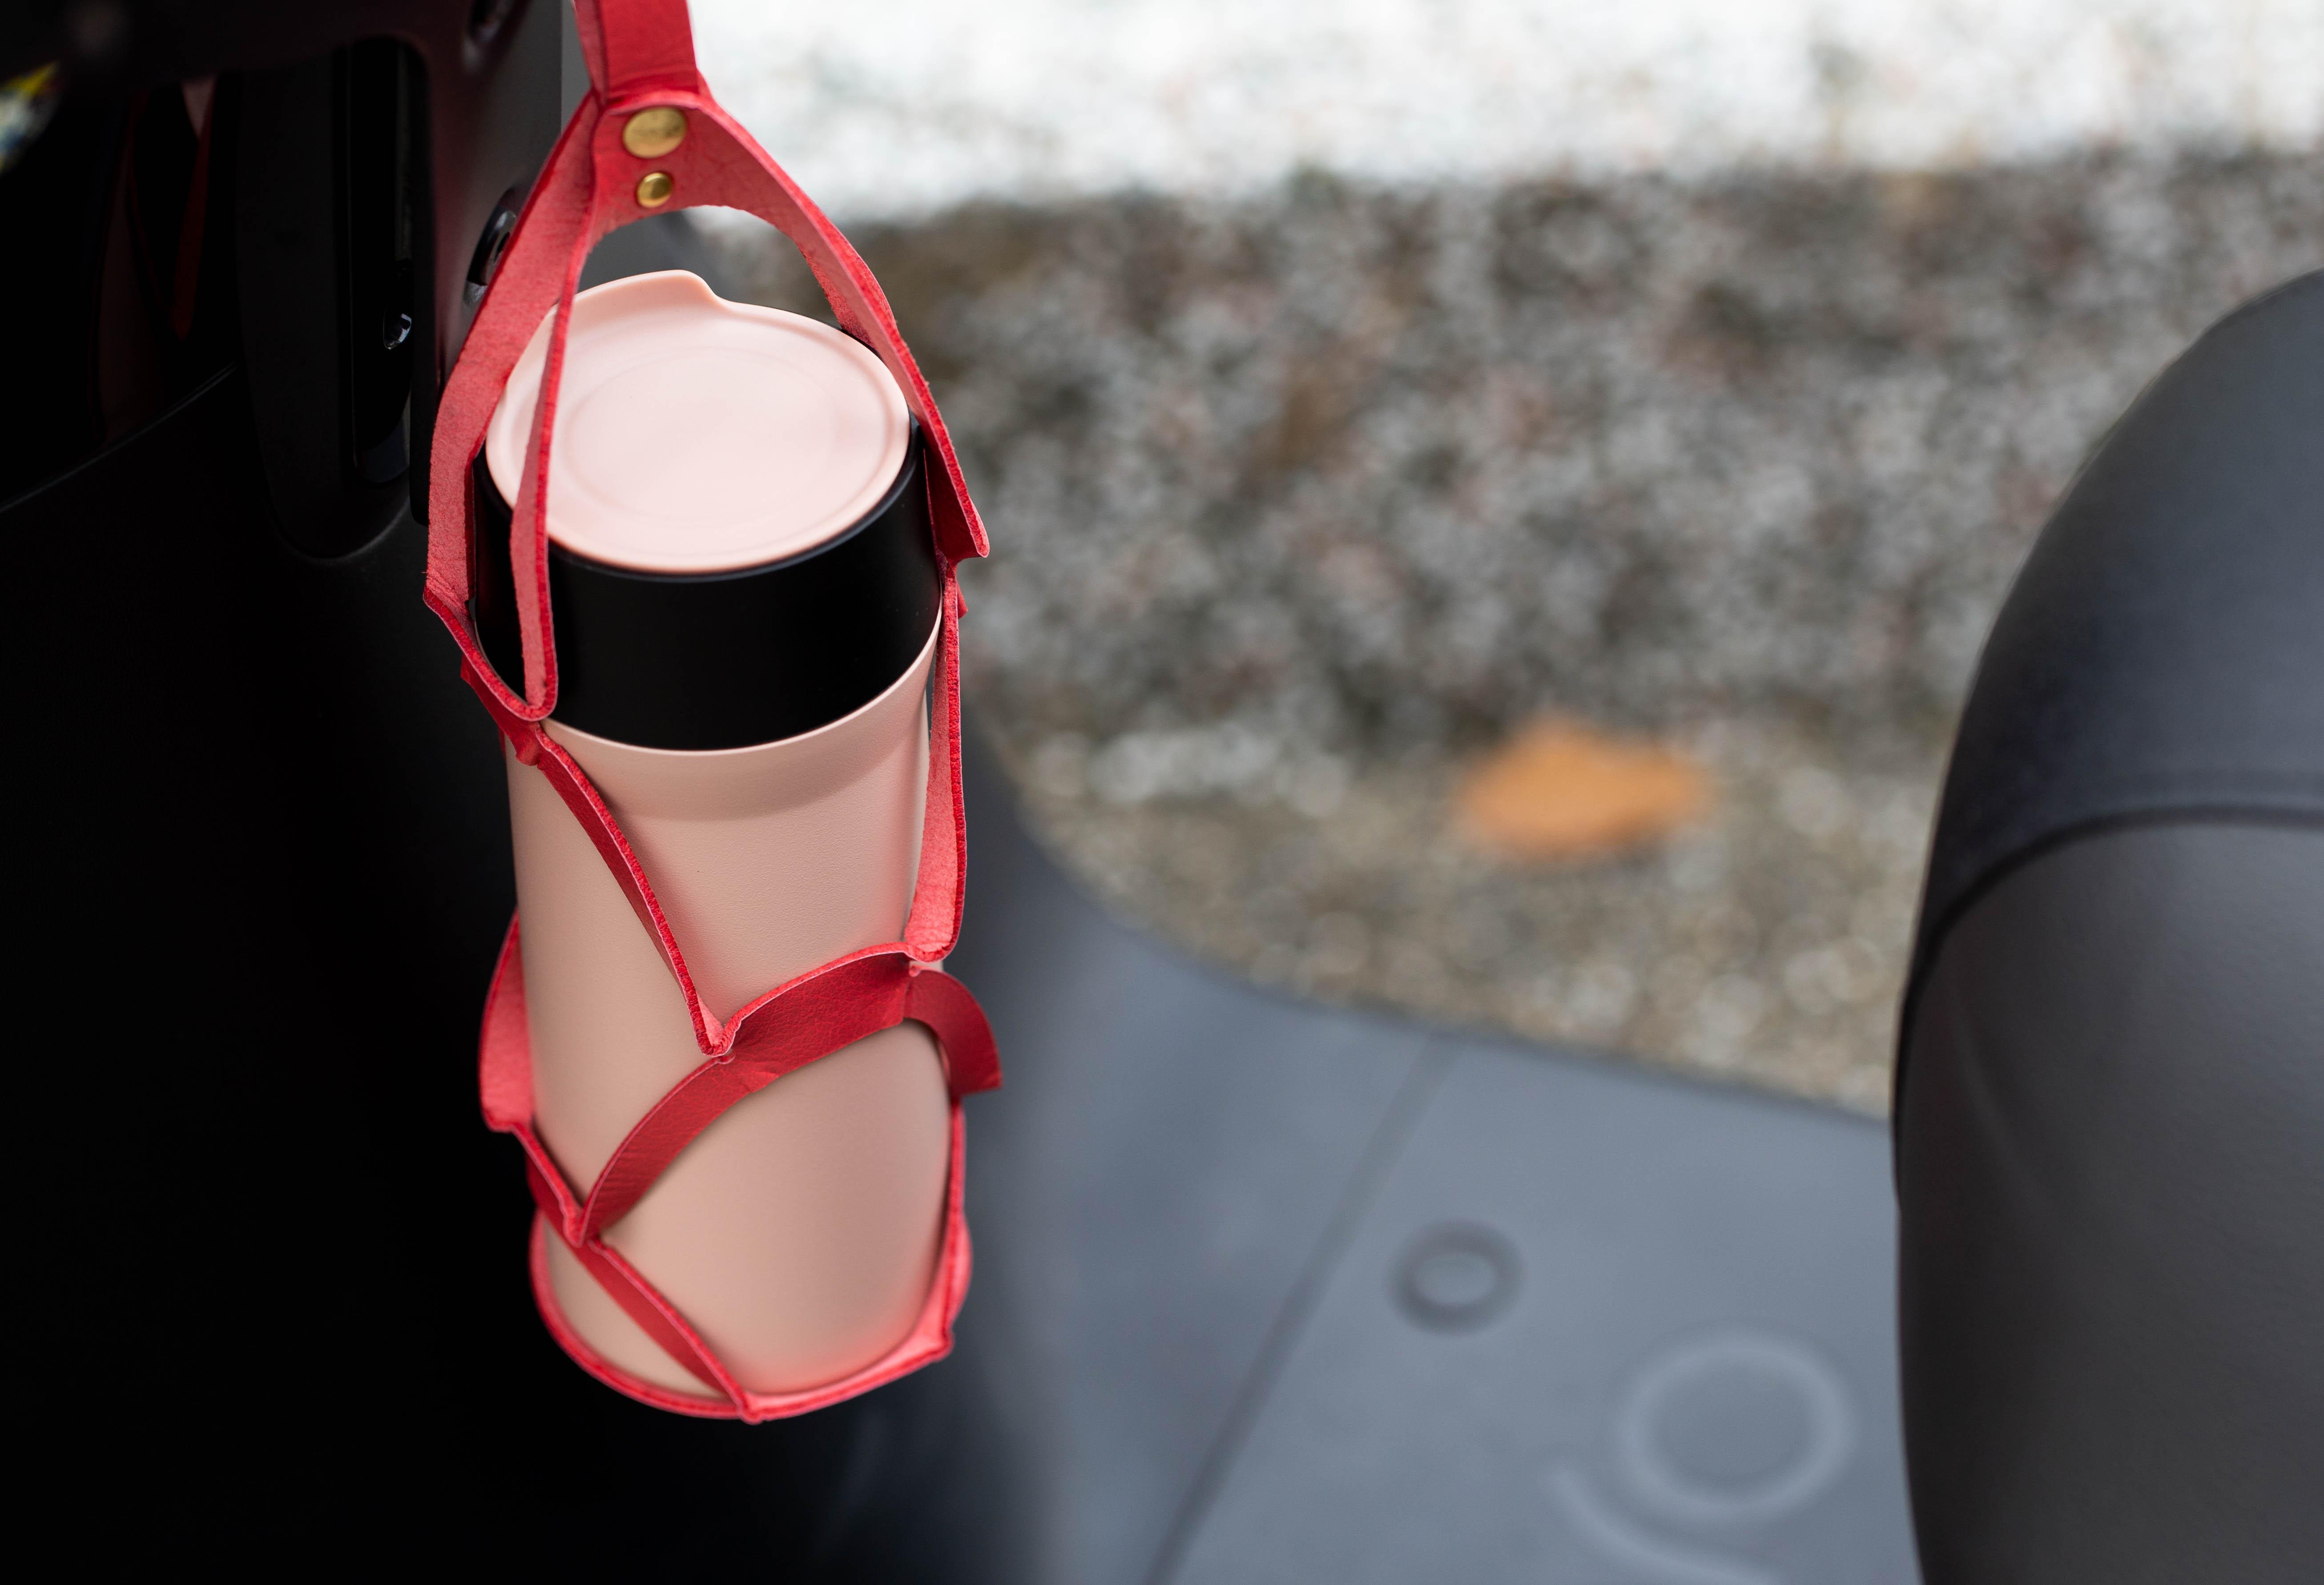 美型時尚X琺瑯不吃味-奇享杯體驗的第 1 張圖片